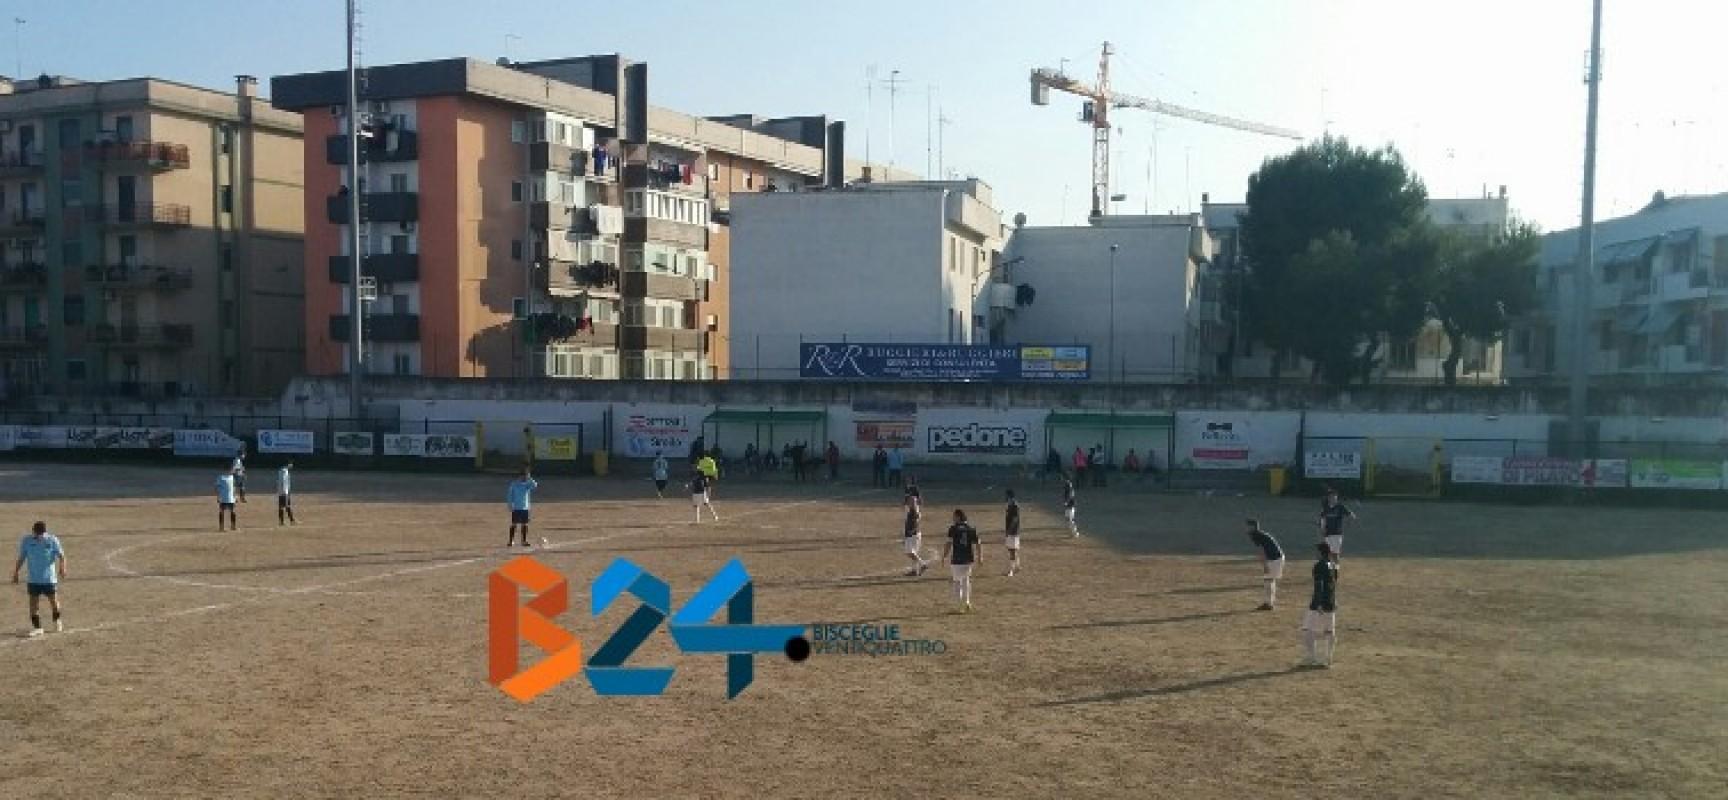 L'Unione Calcio degli ex Rizzi e De Lorenzo affronta il Canosa